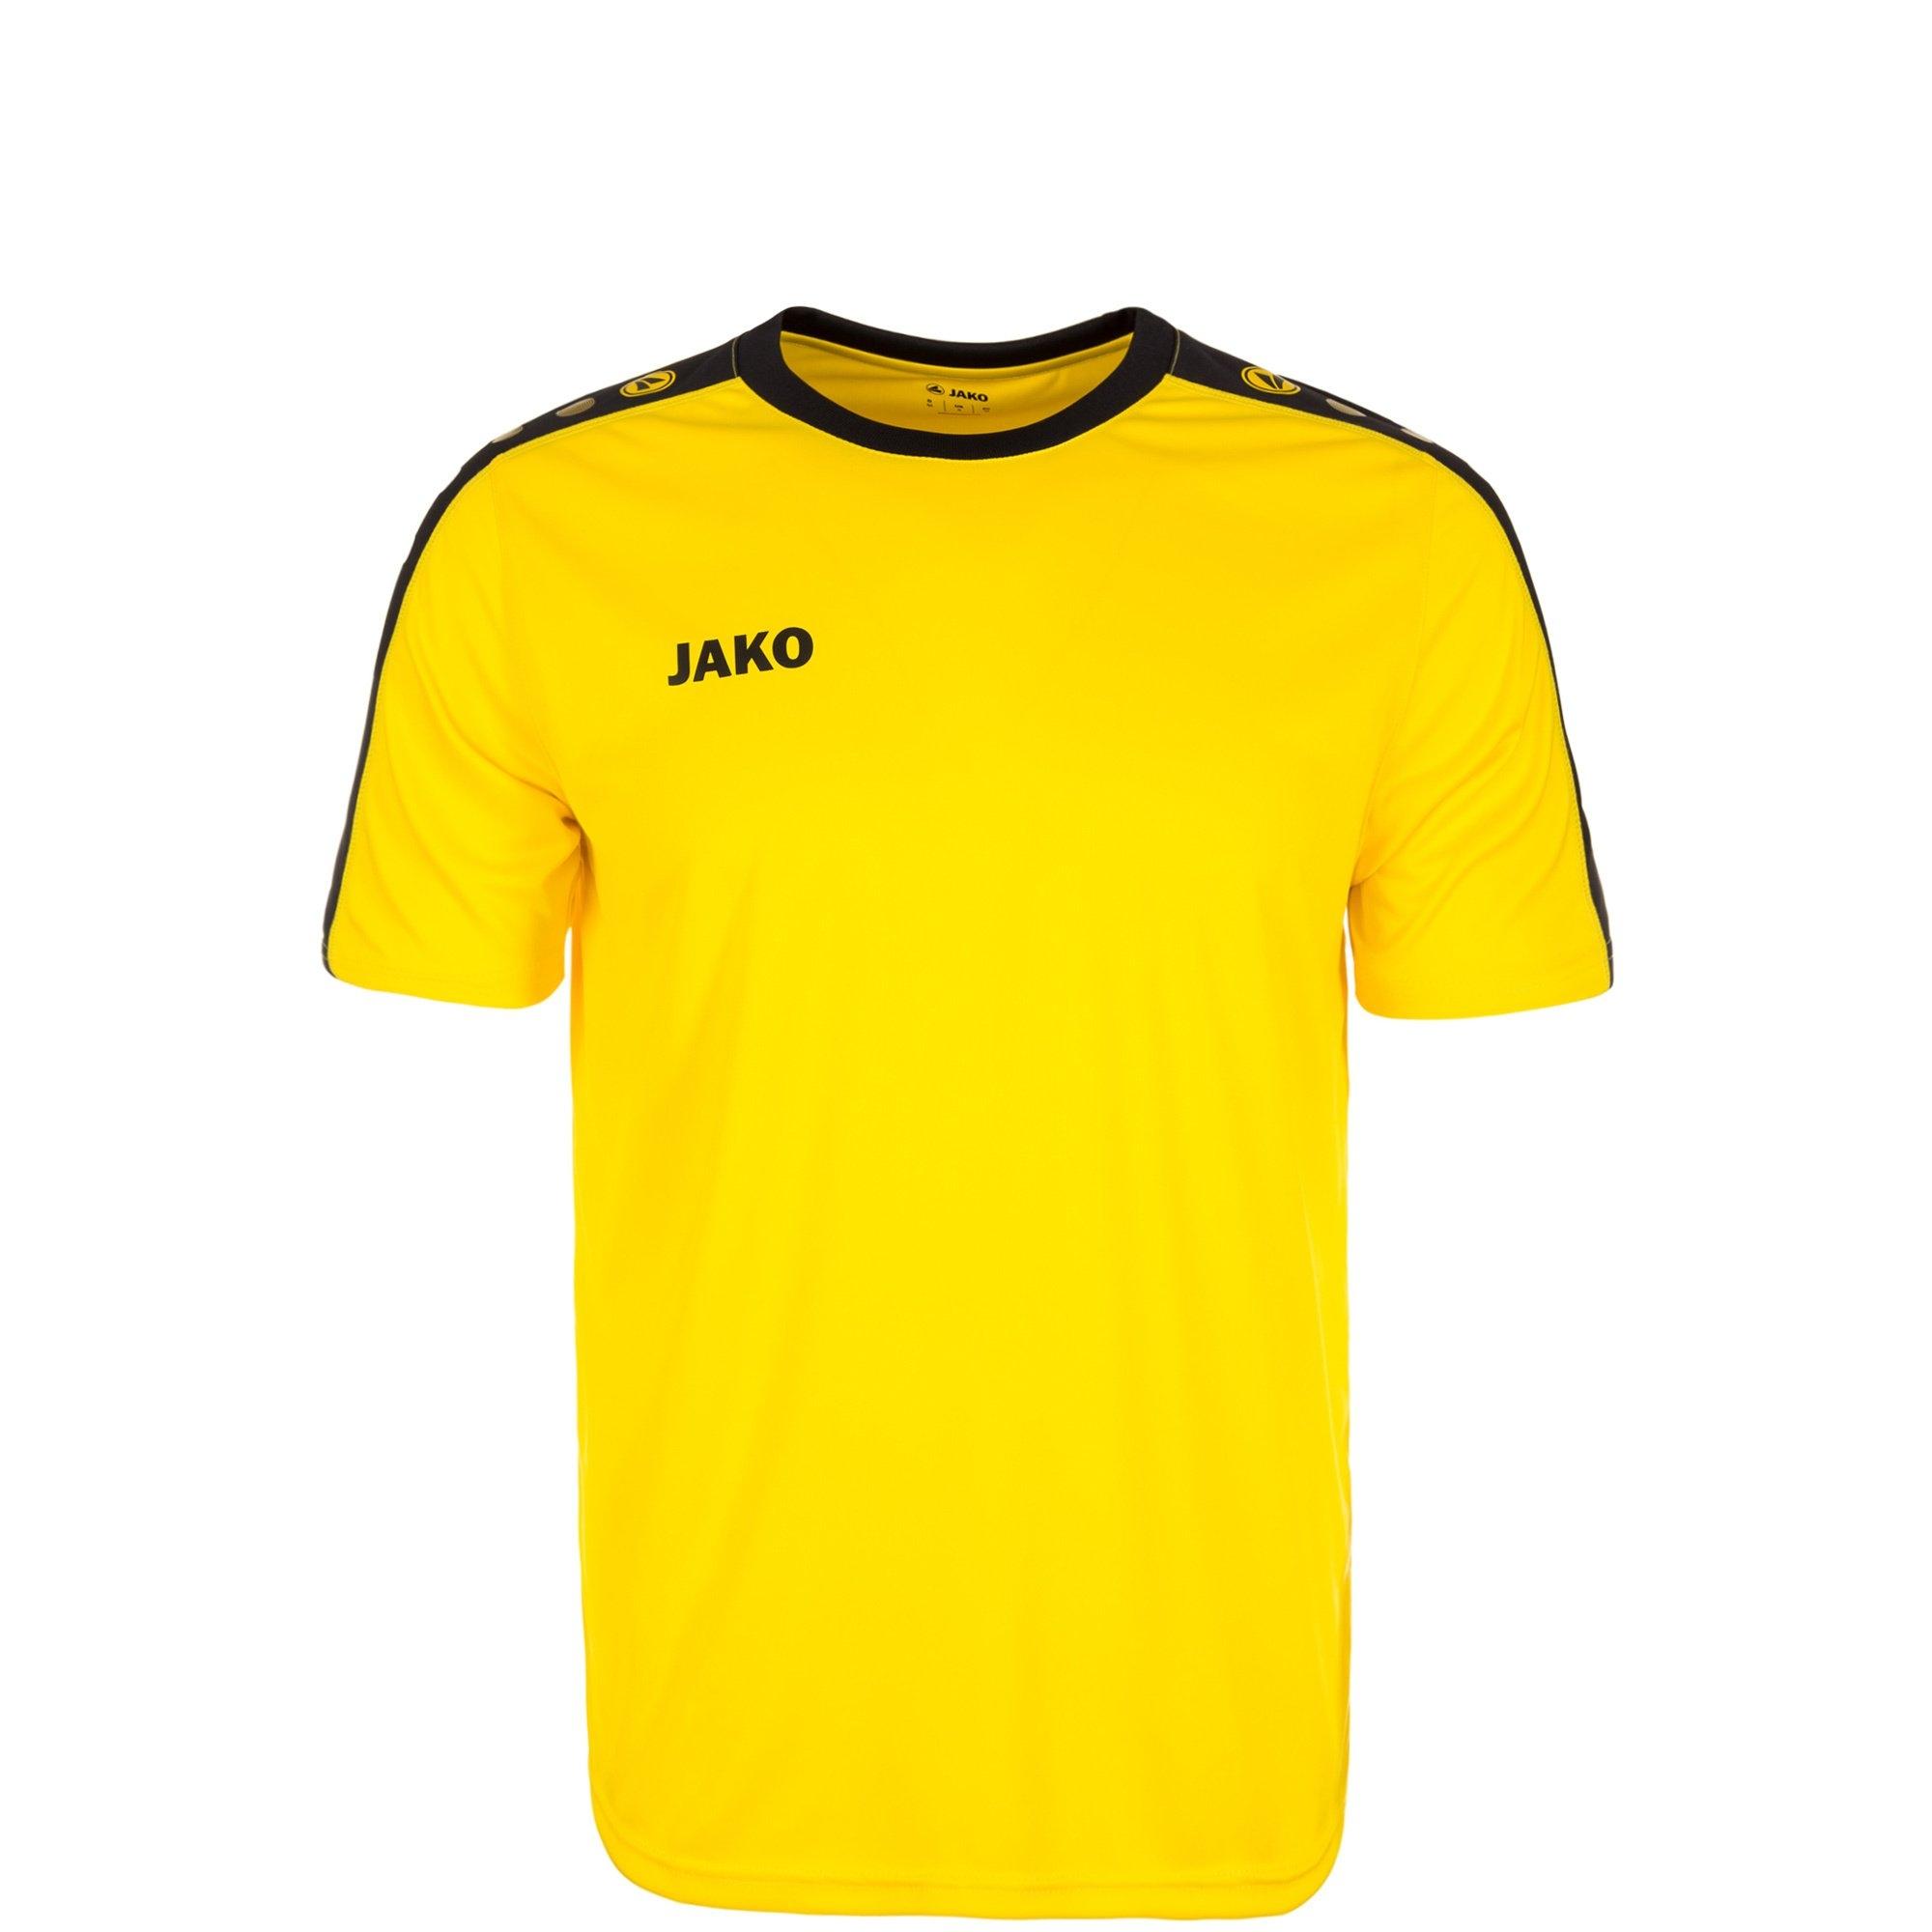 JAKO Striker voetbalshirt kinderen nu online kopen bij OTTO